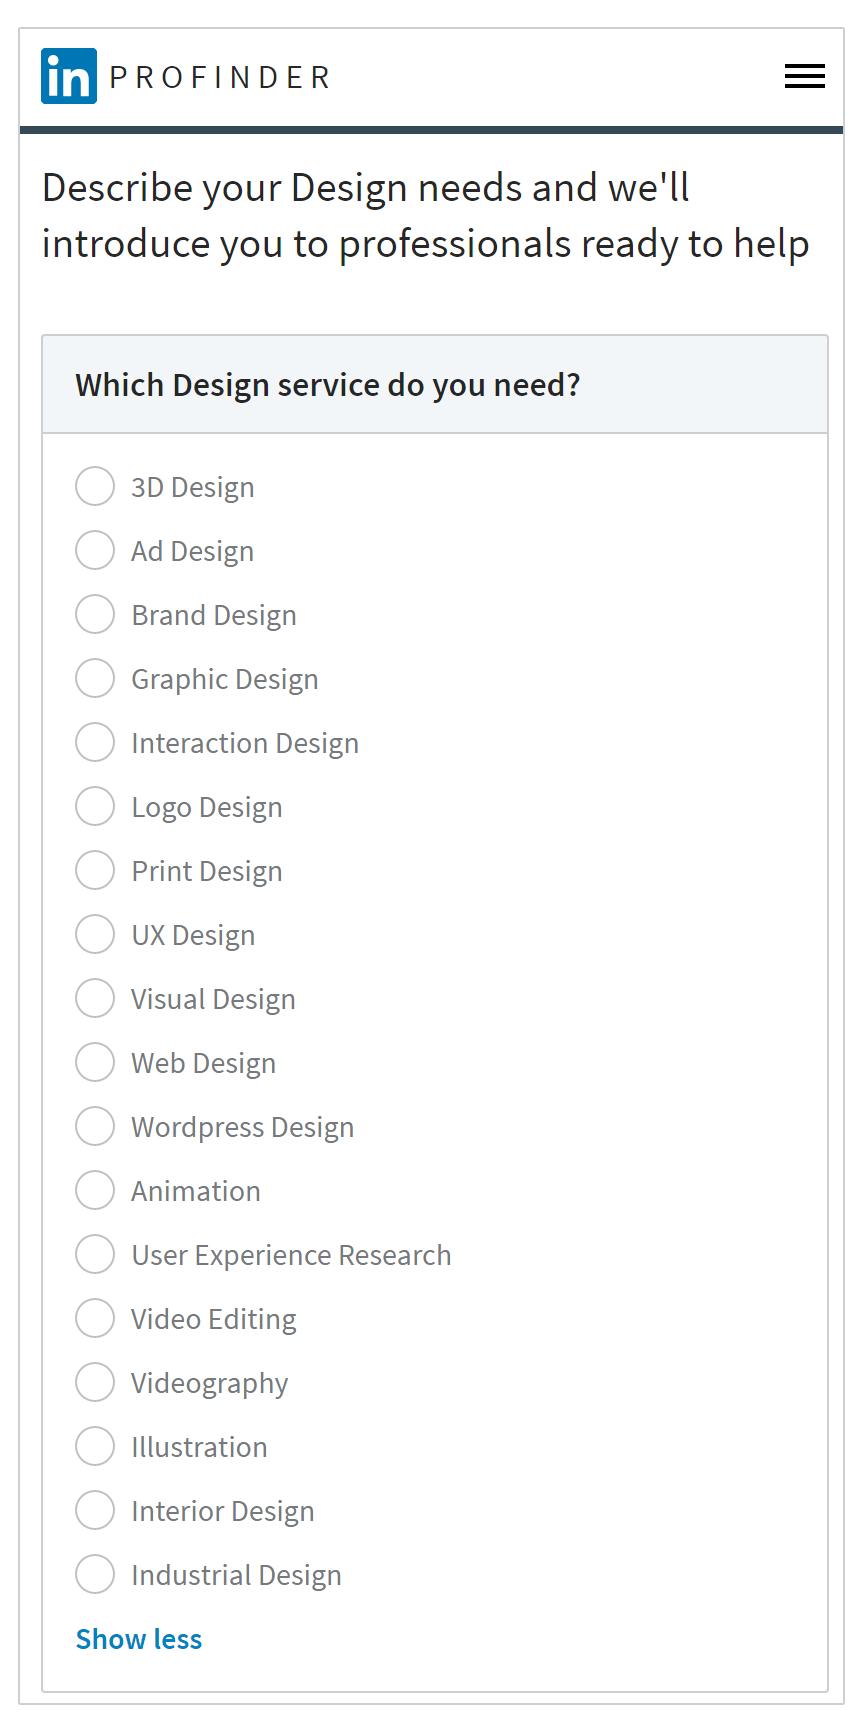 LinkedIn ProFinder offers 18 subcategories of design, but not presentation design.